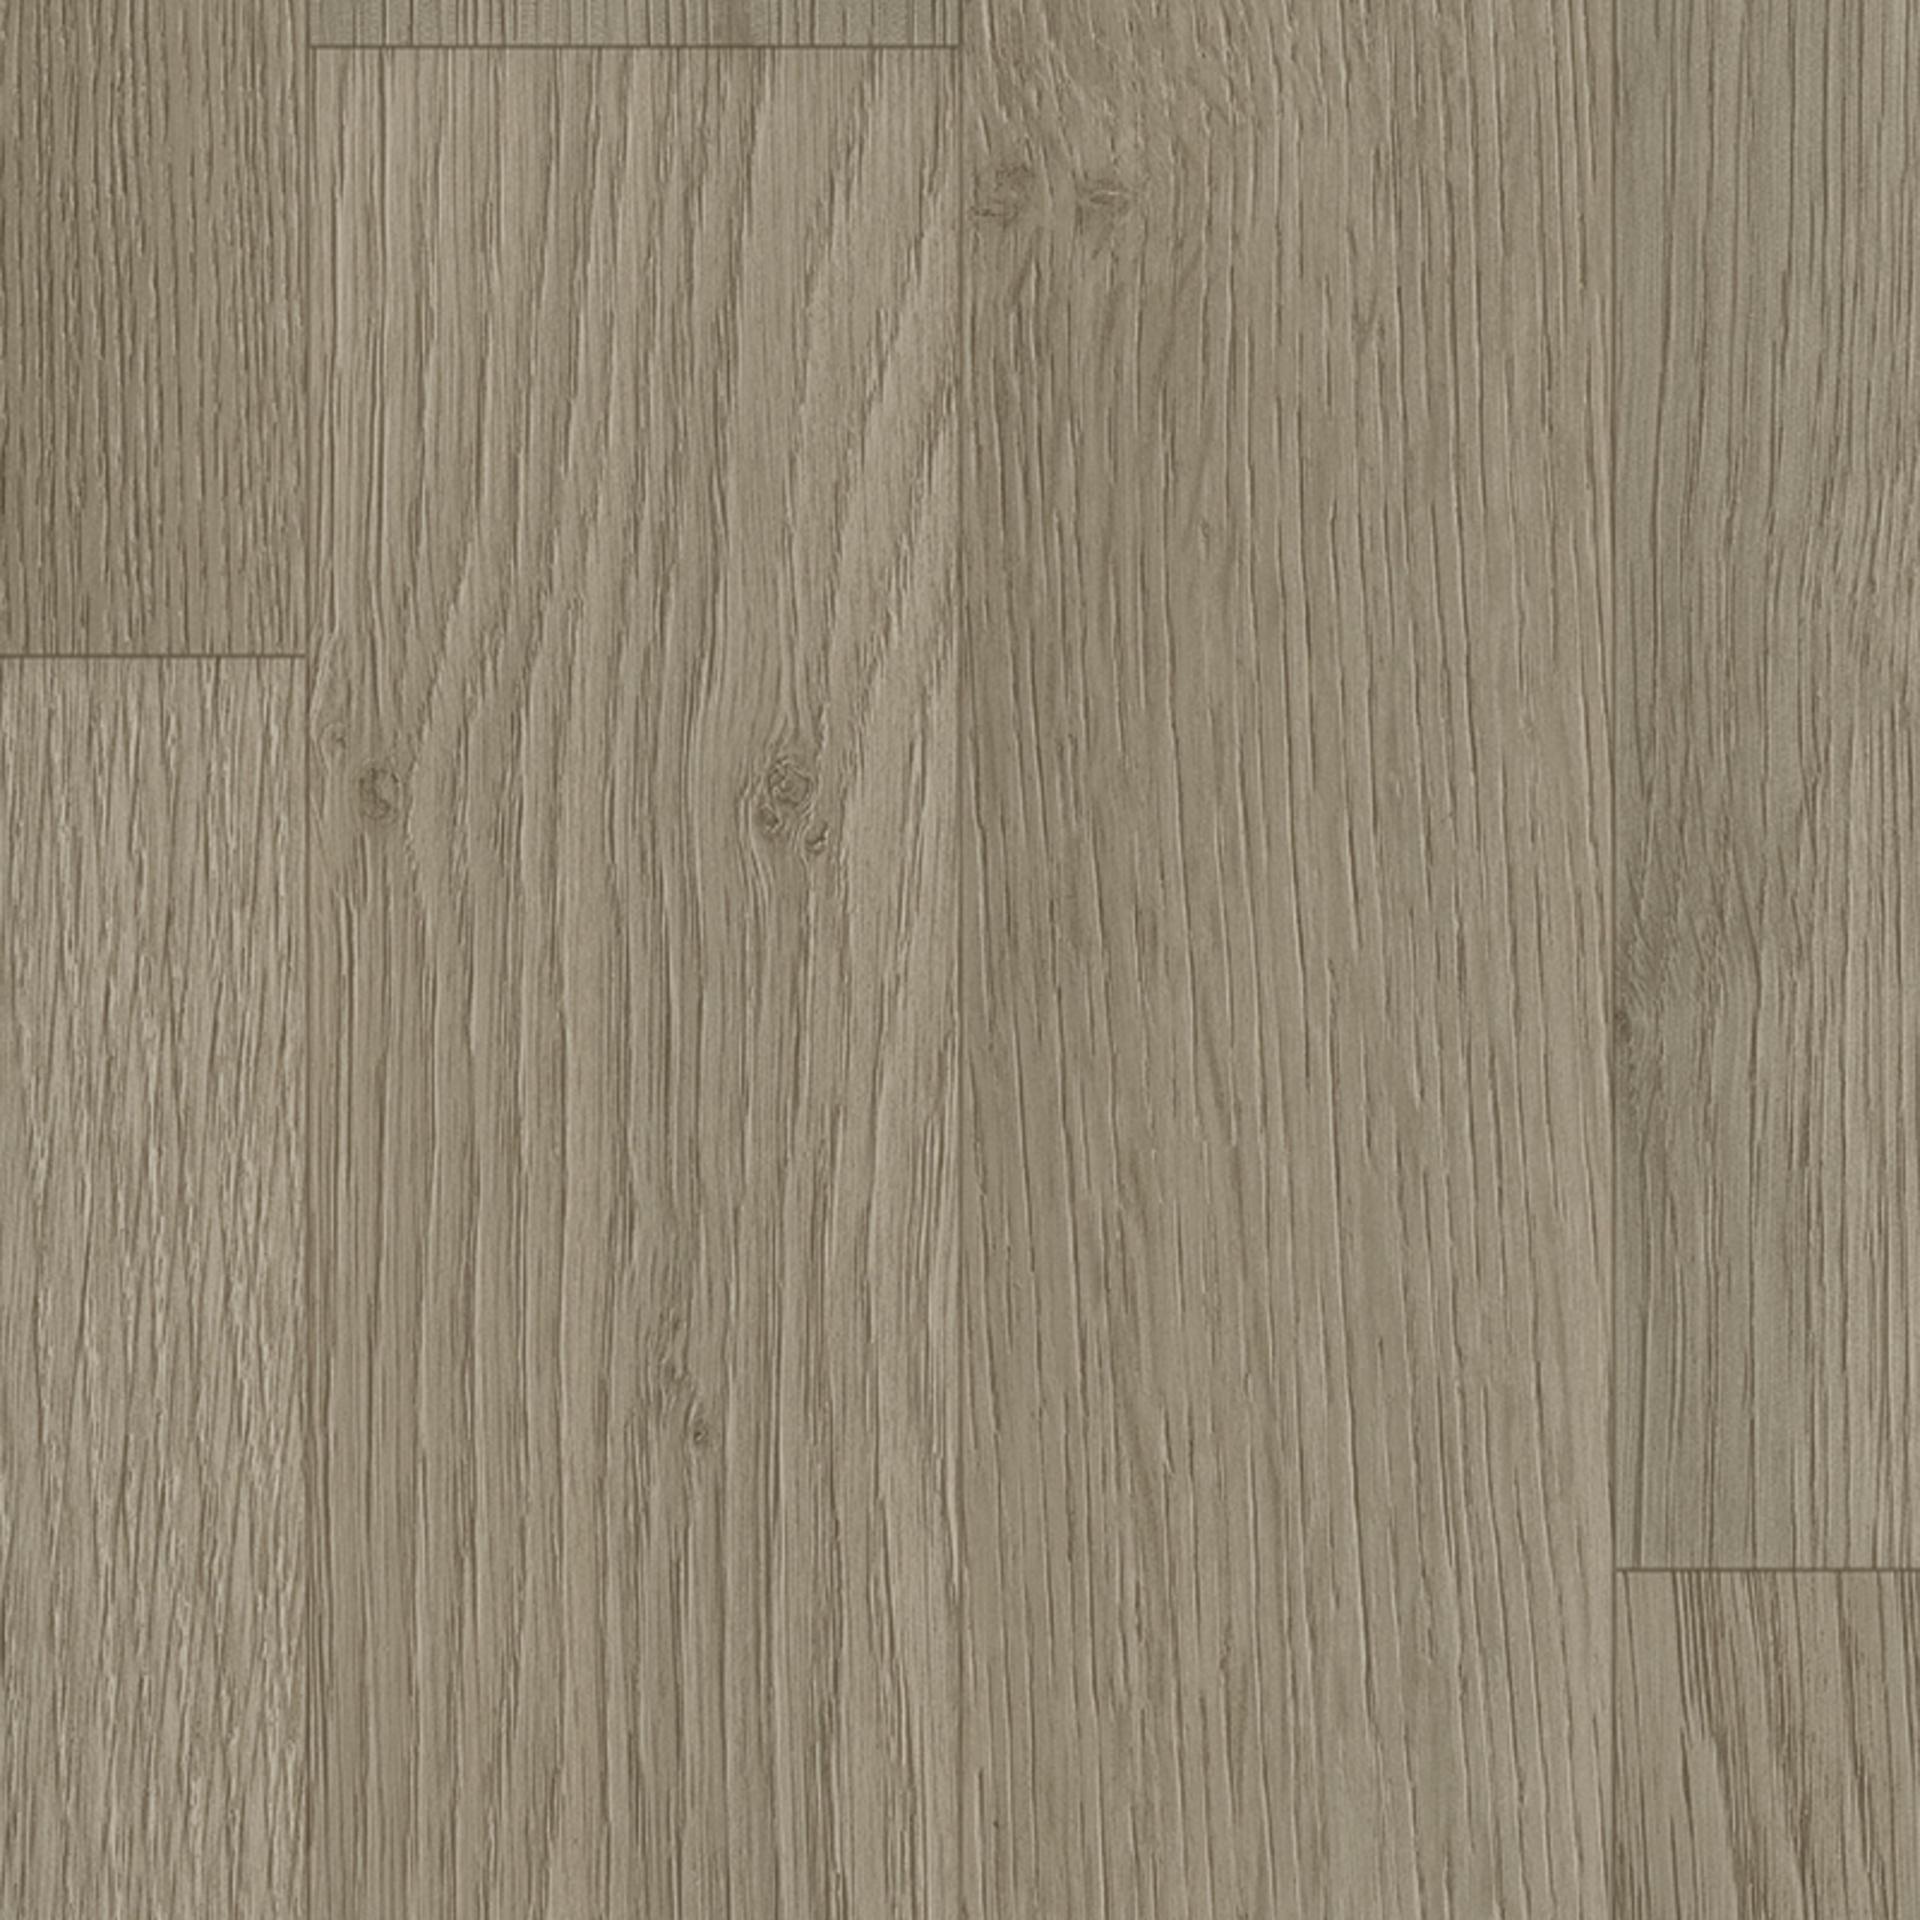 f9e7afa8f2d0f0 Trend Oak STEEL GREY